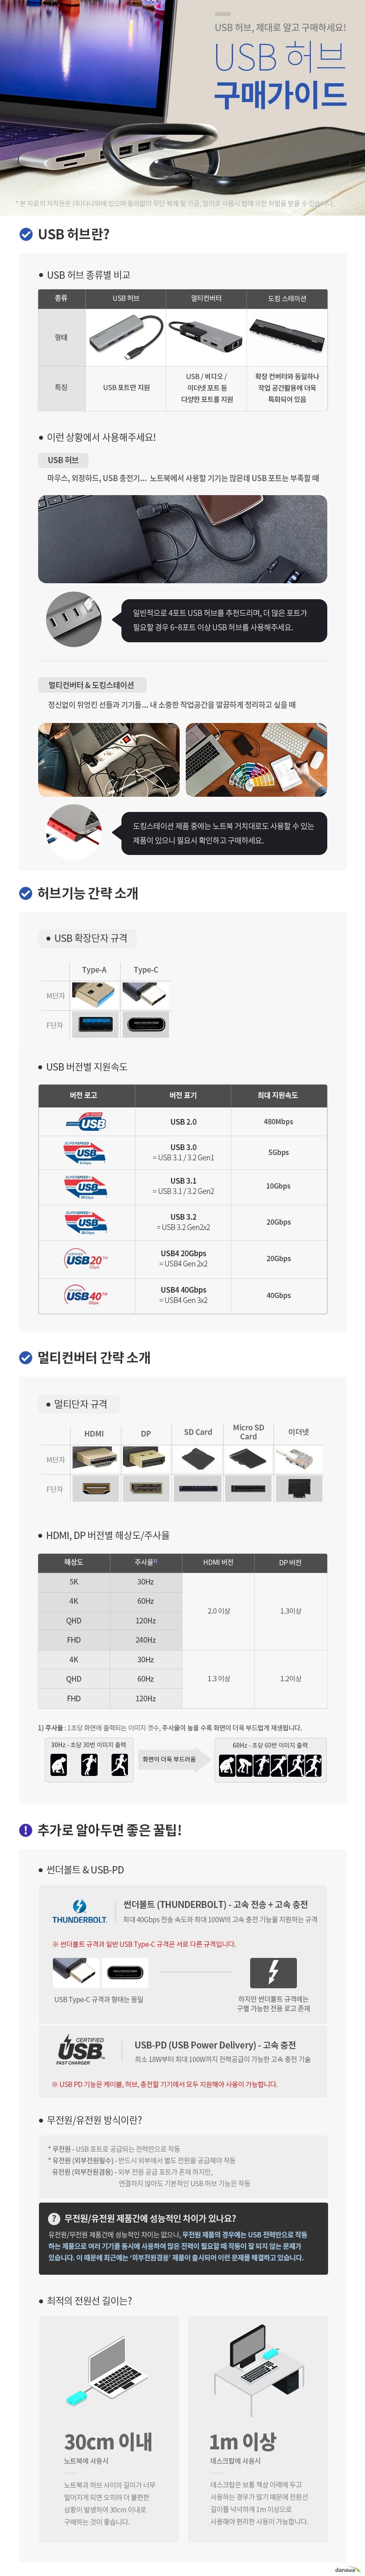 이지넷유비쿼터스 넥스트 NEXT-UH309PD (9포트/USB 3.0)